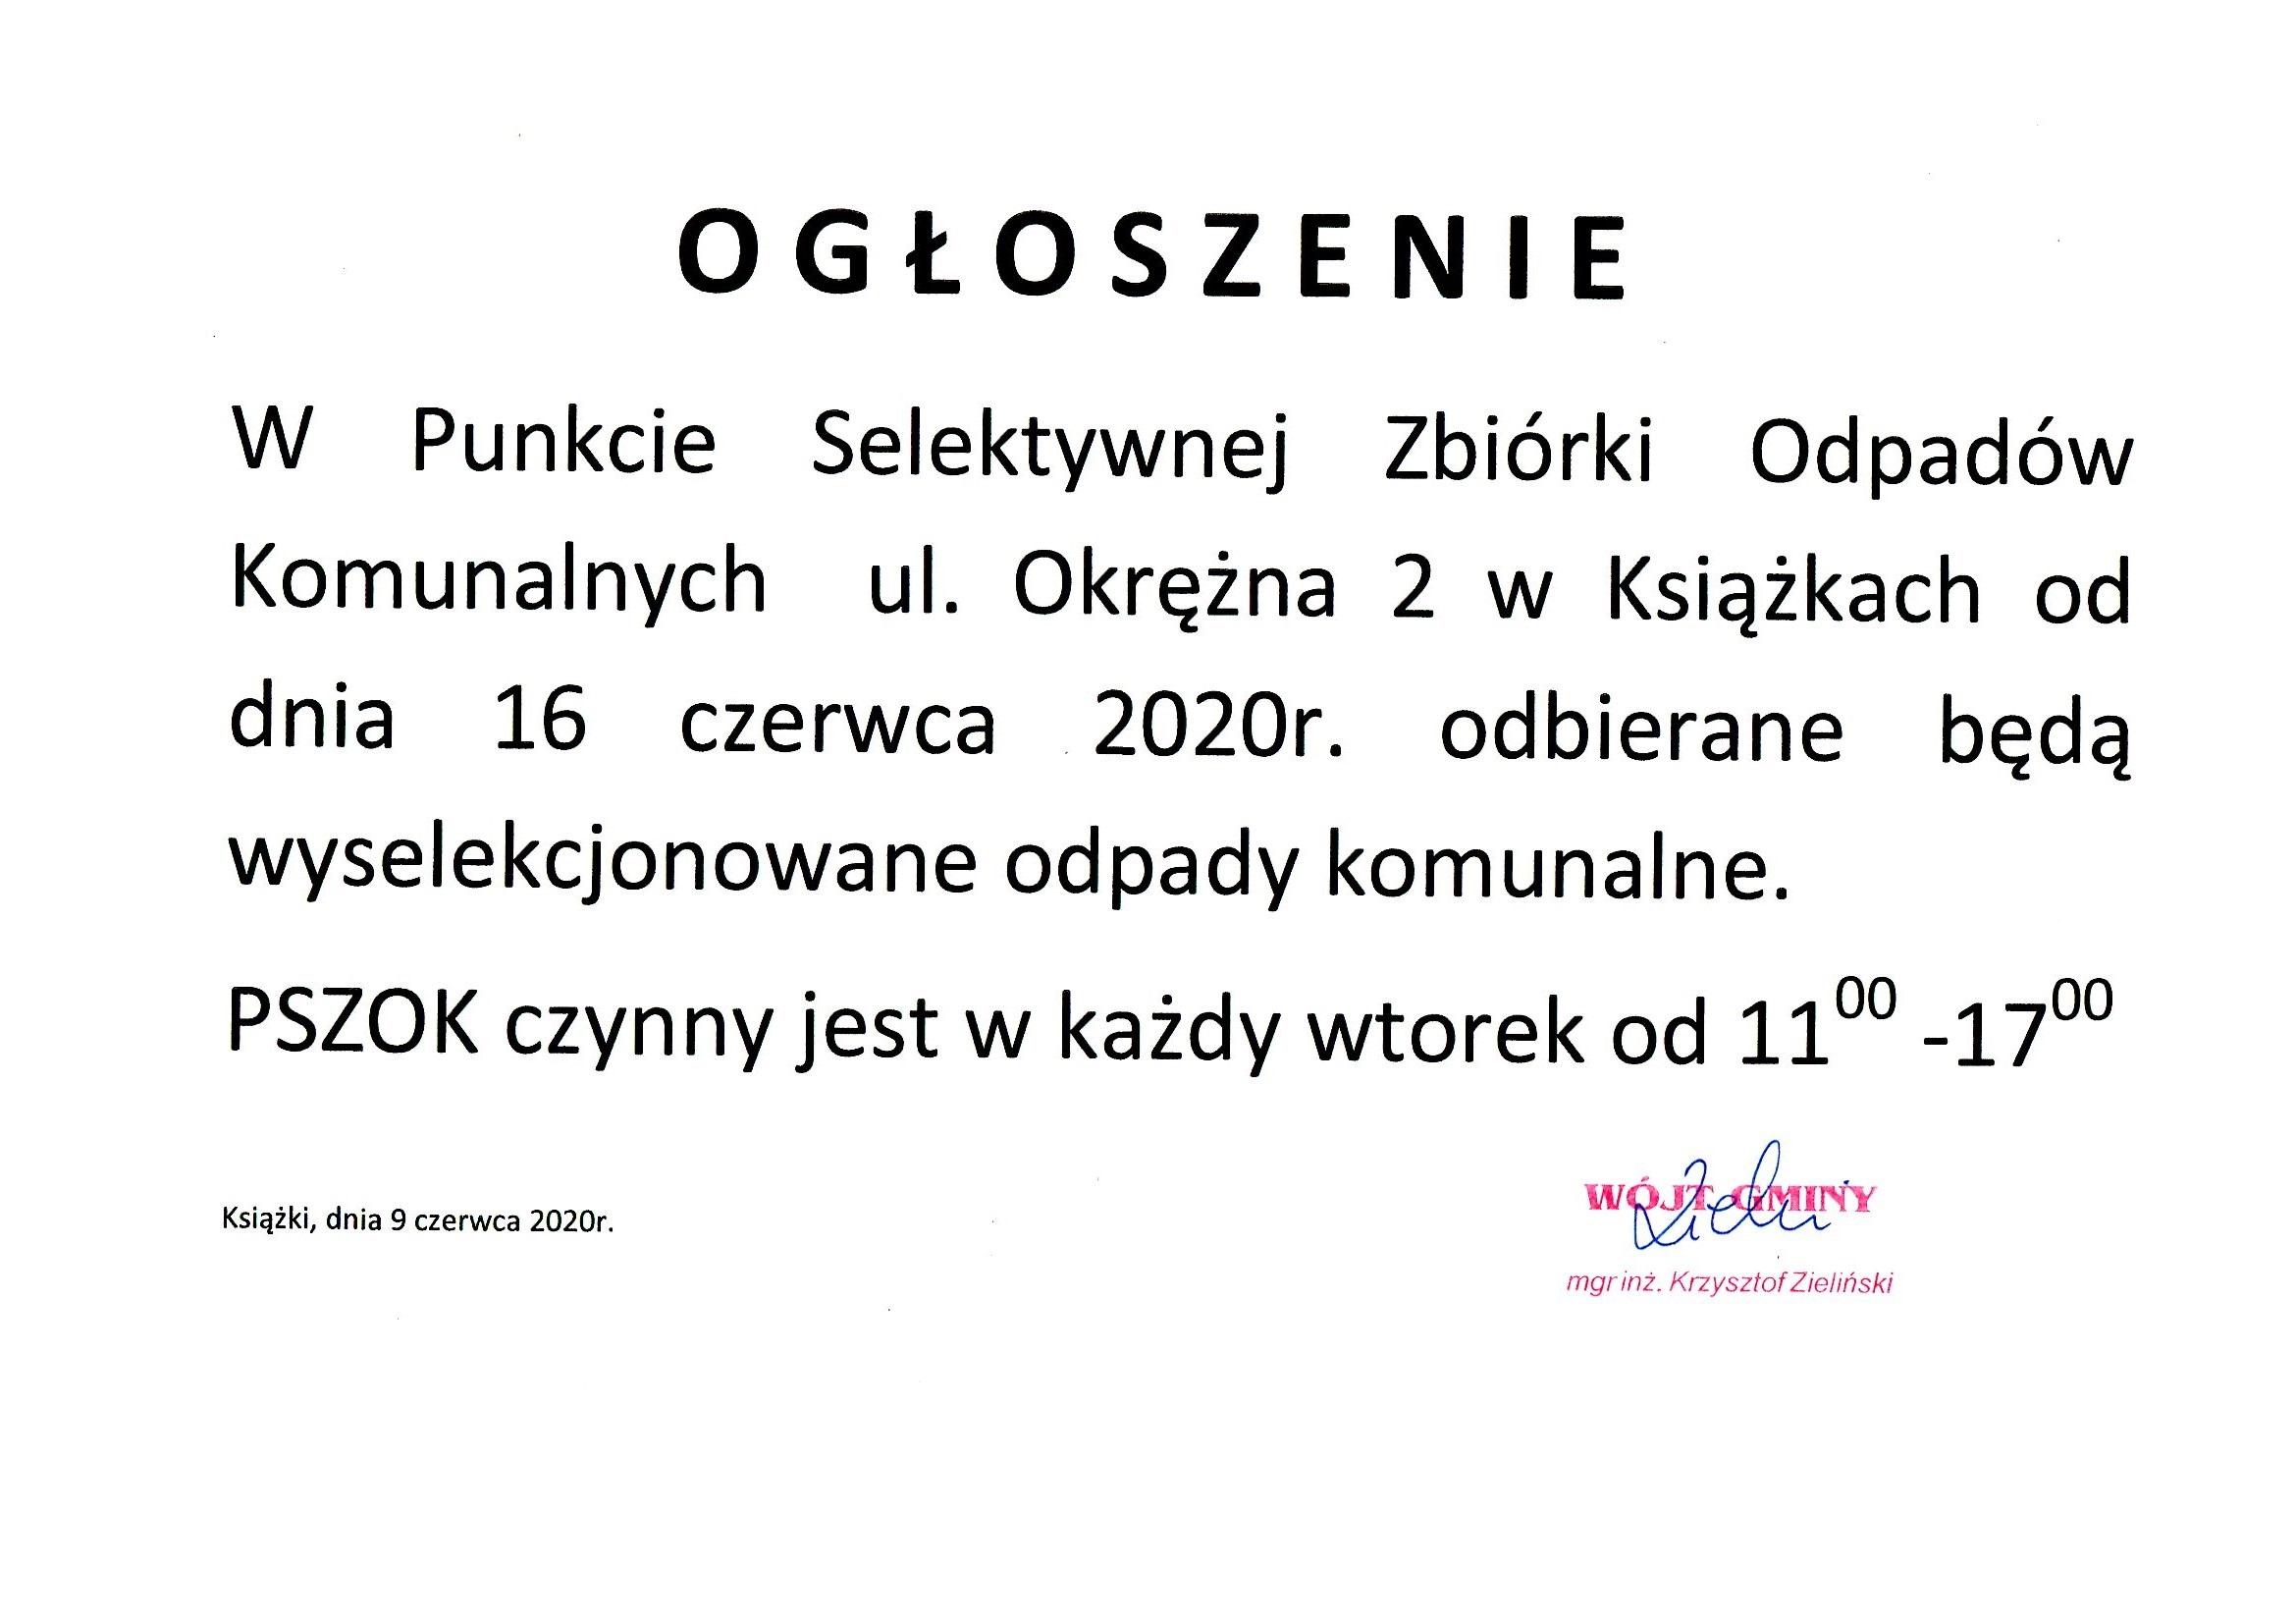 Ogłoszenie o otwarciu PSZOK od 16.06.2020 r.